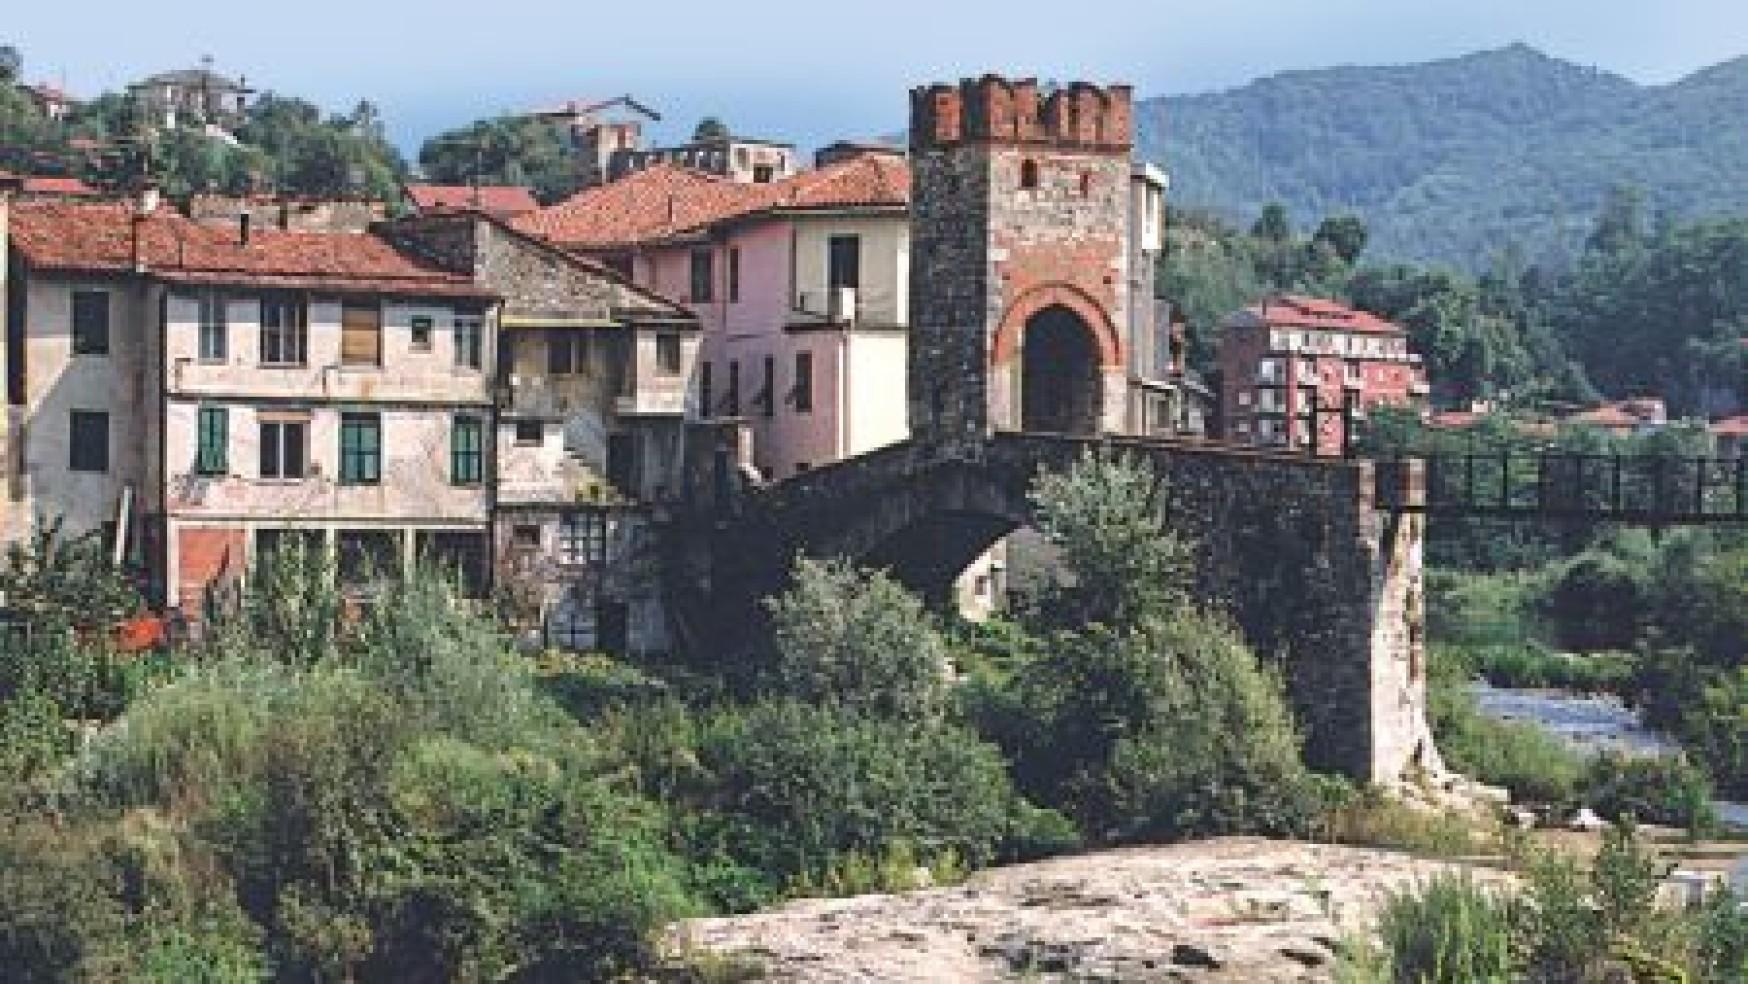 Borghi d italia progetti strategici amate sponde for Borghi liguria ponente